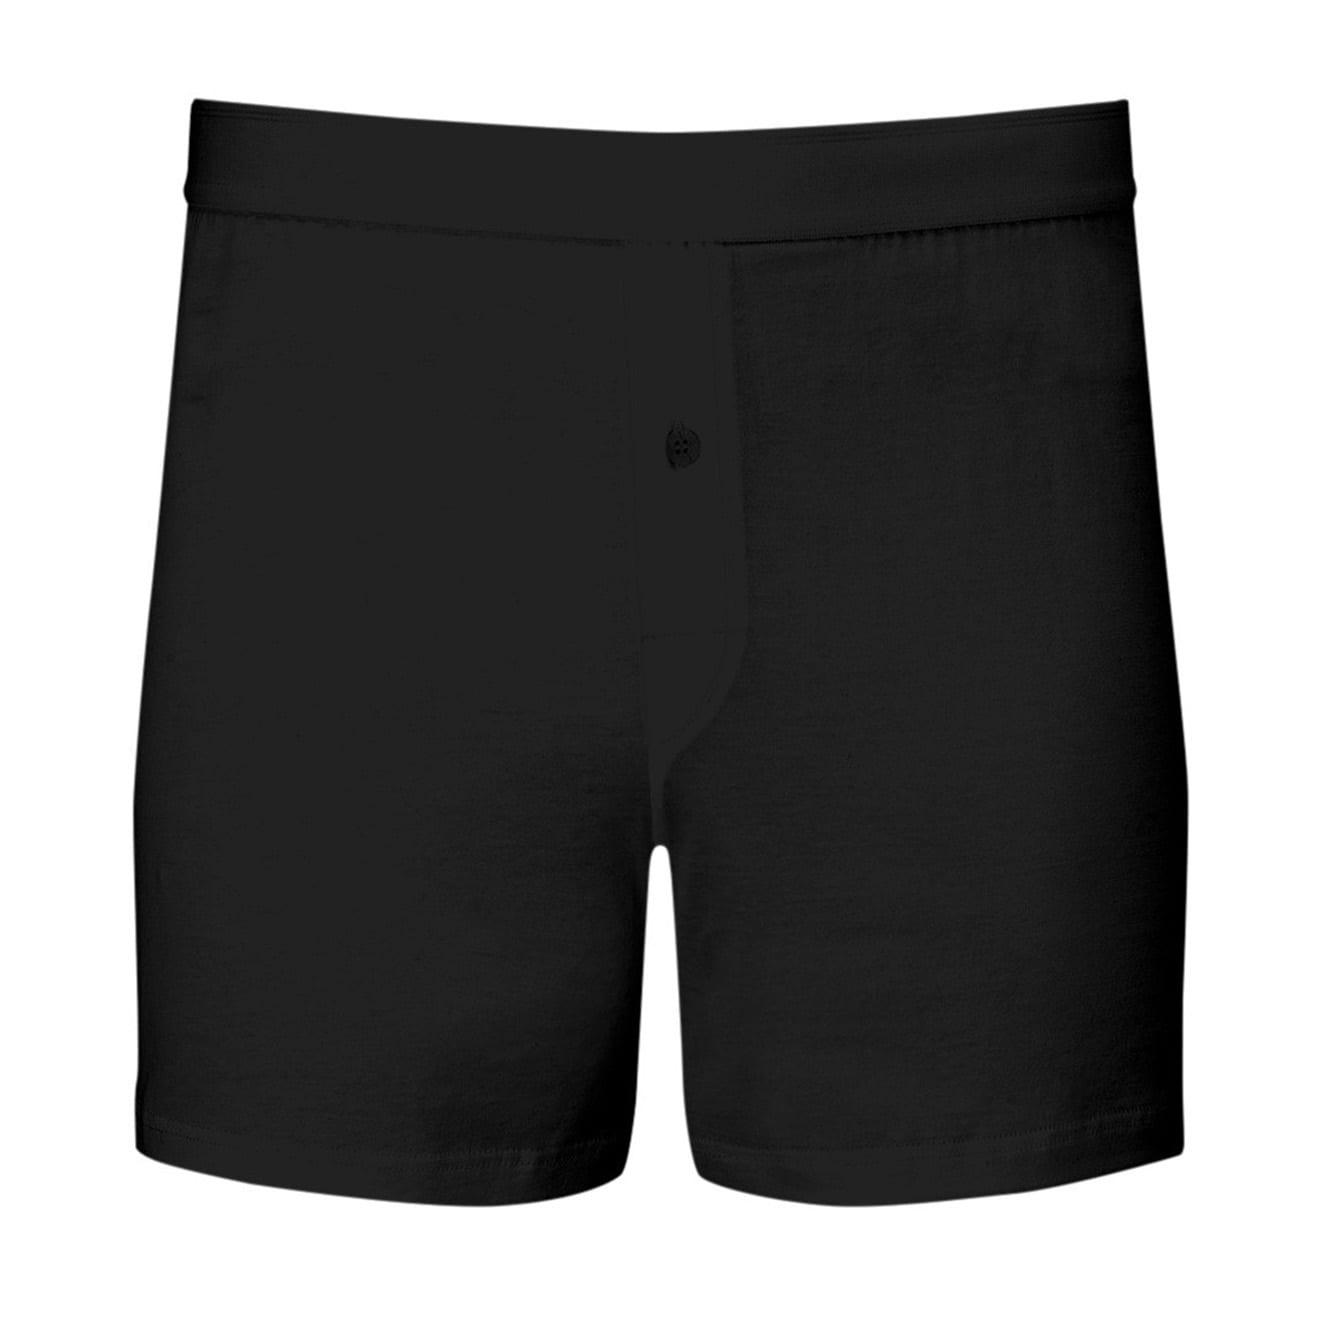 Sunspel Superfine Cotton One Button Shorts Black